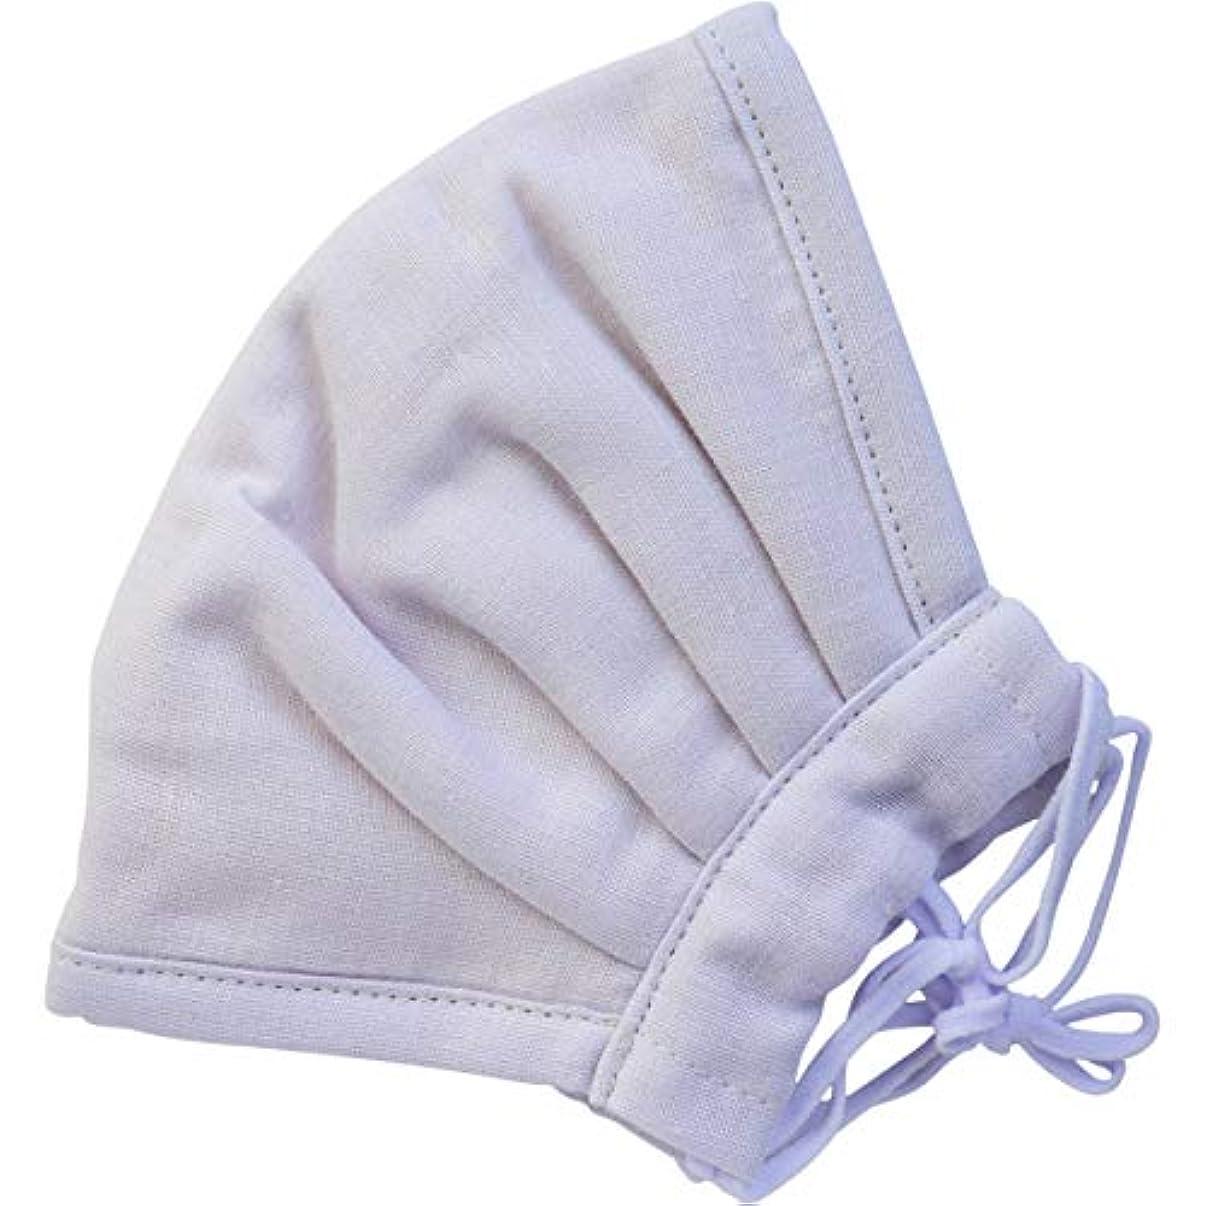 現実持つおとなしいふわふわマスク 今治産タオル 超敏感肌用 パープル ゆったり大きめサイズ 1枚入×5個セット